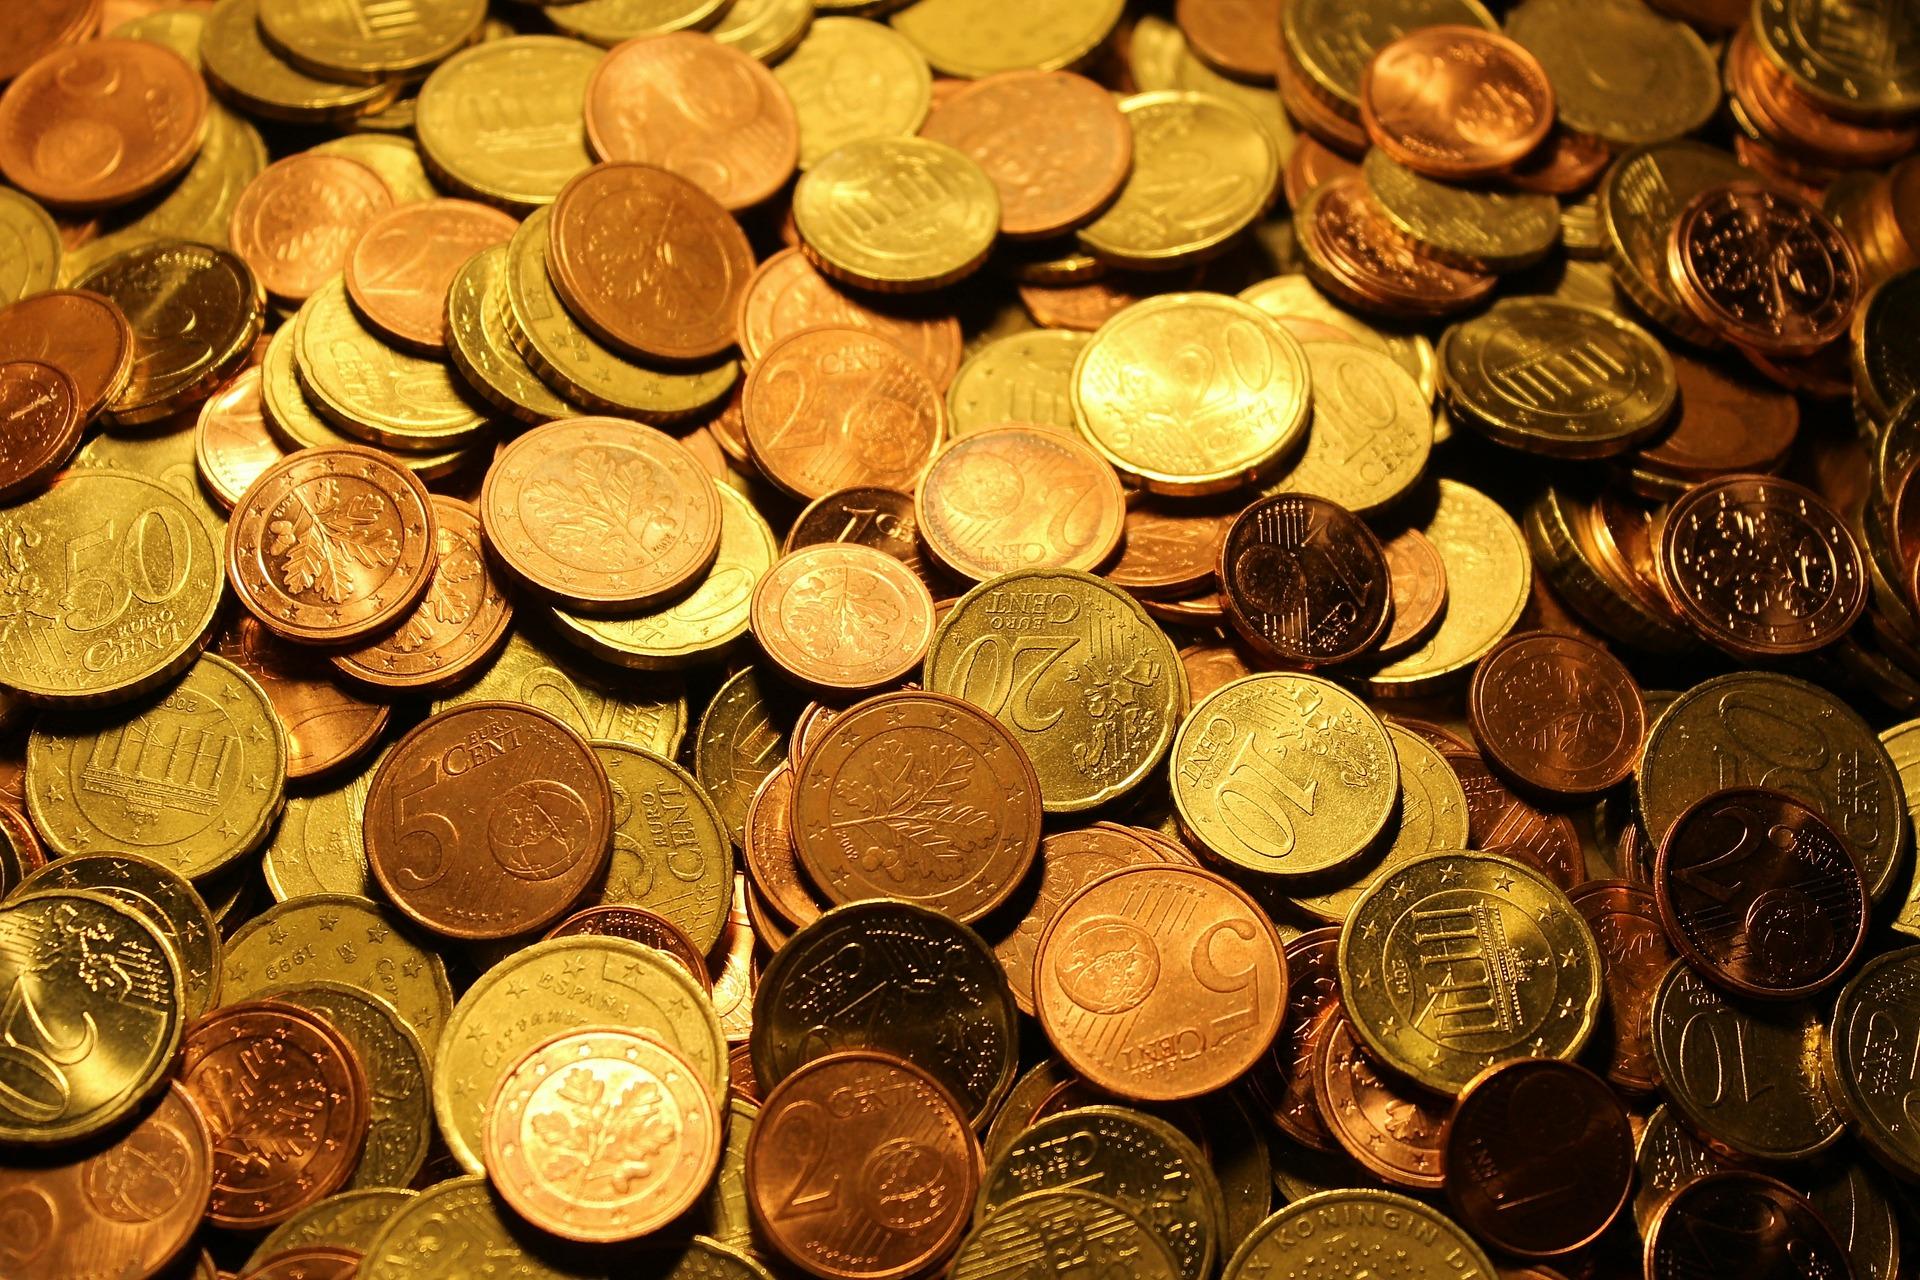 как считают монеты